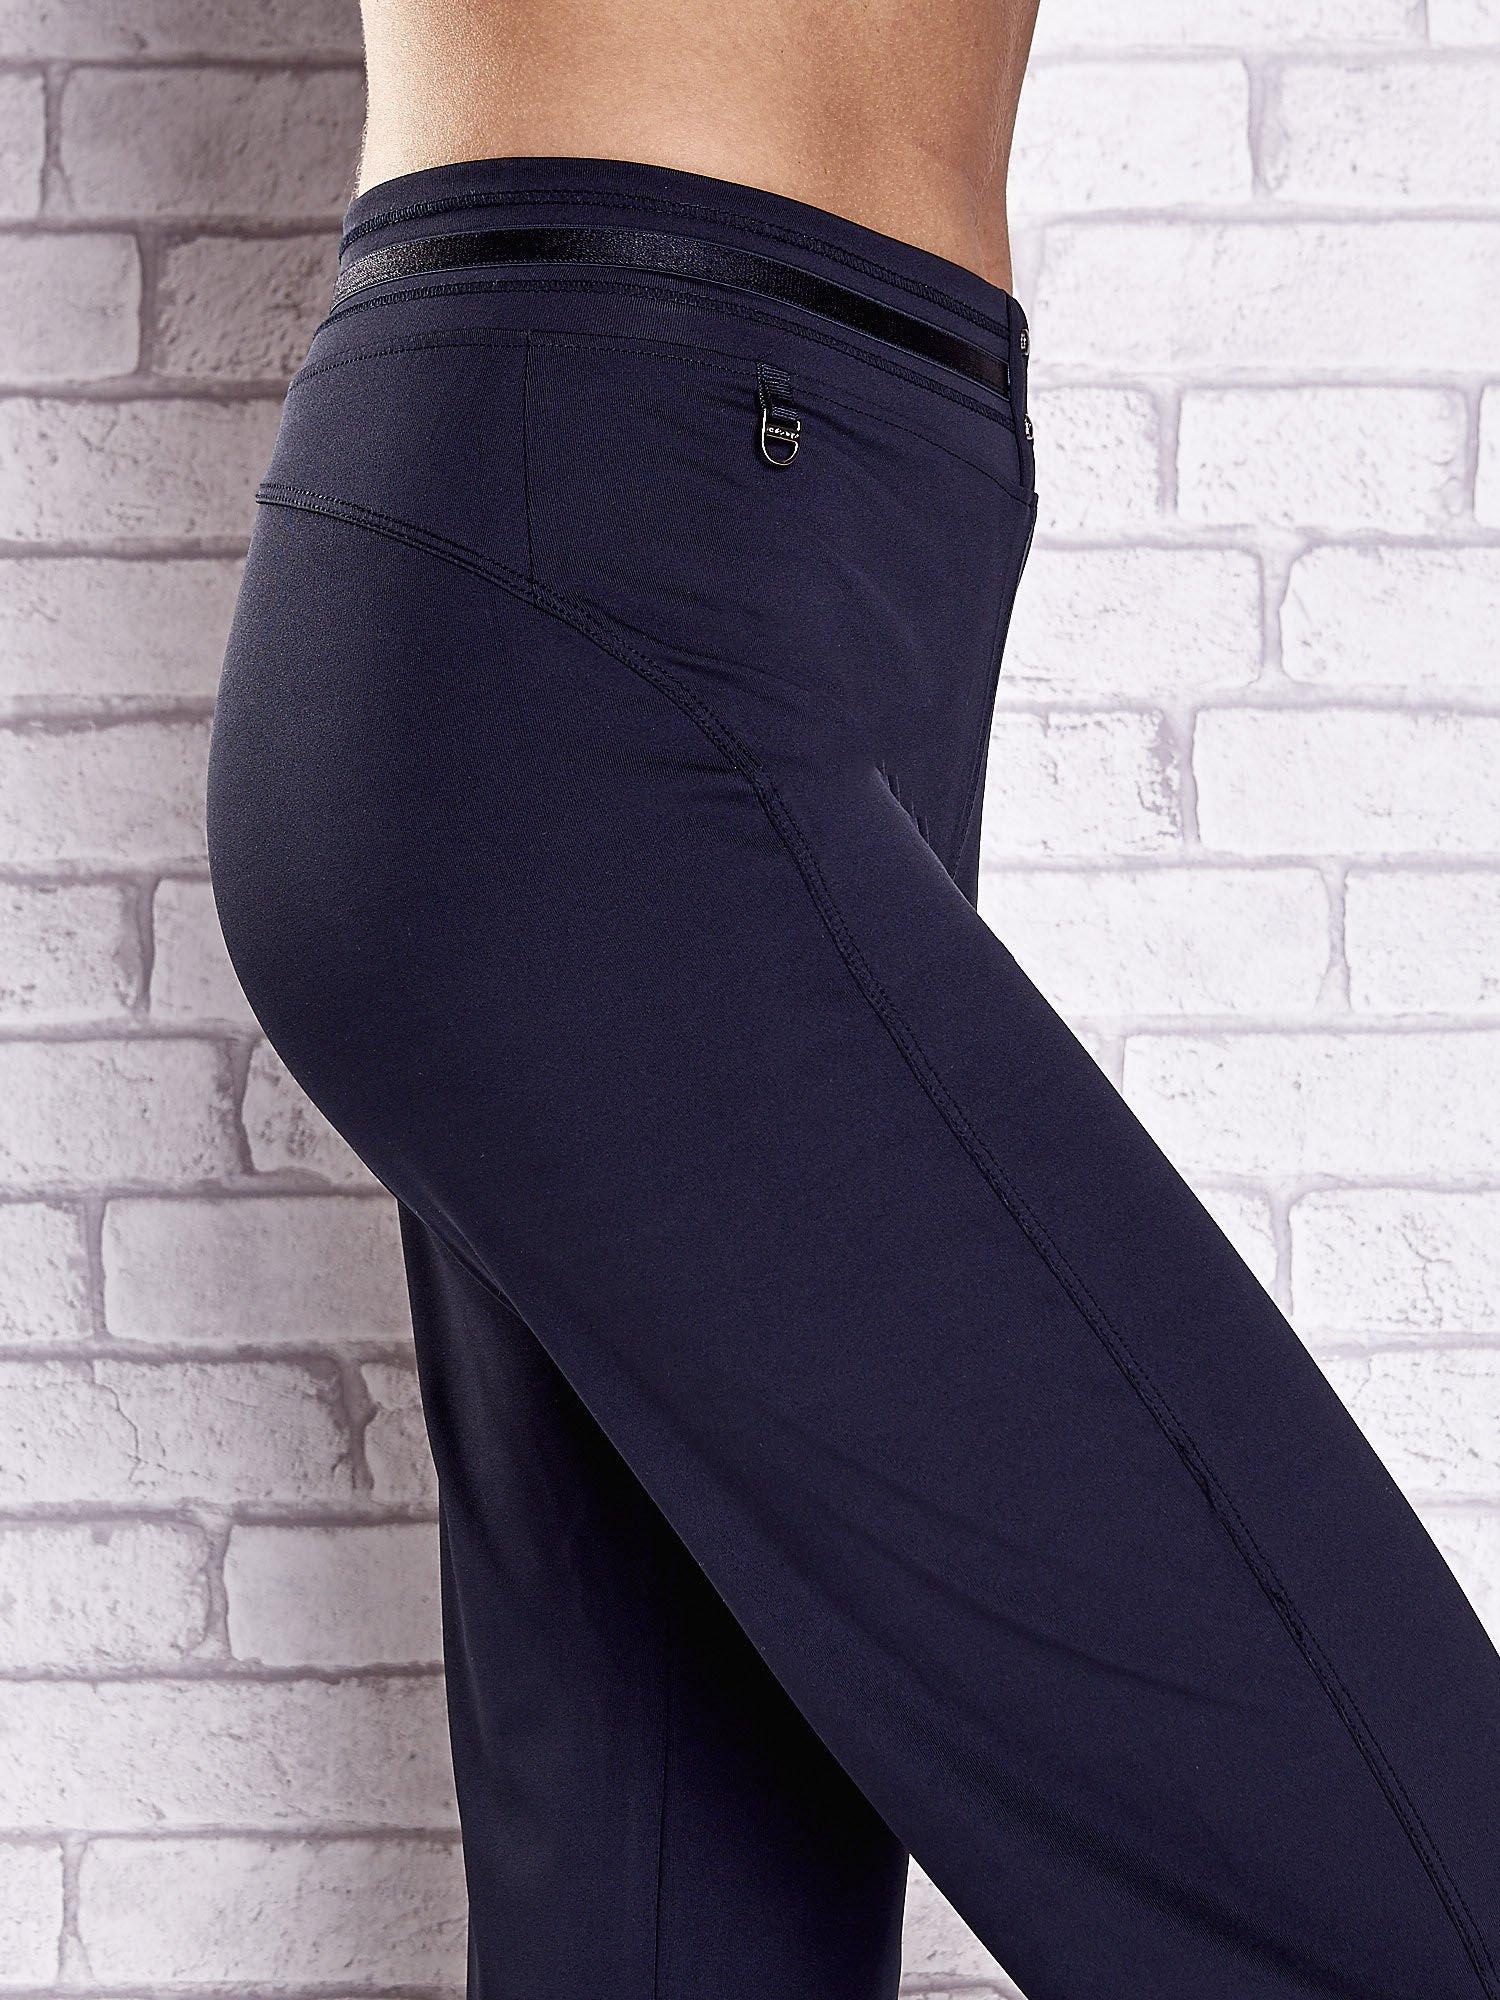 Granatowe spodnie dresowe z guziczkami                                  zdj.                                  5